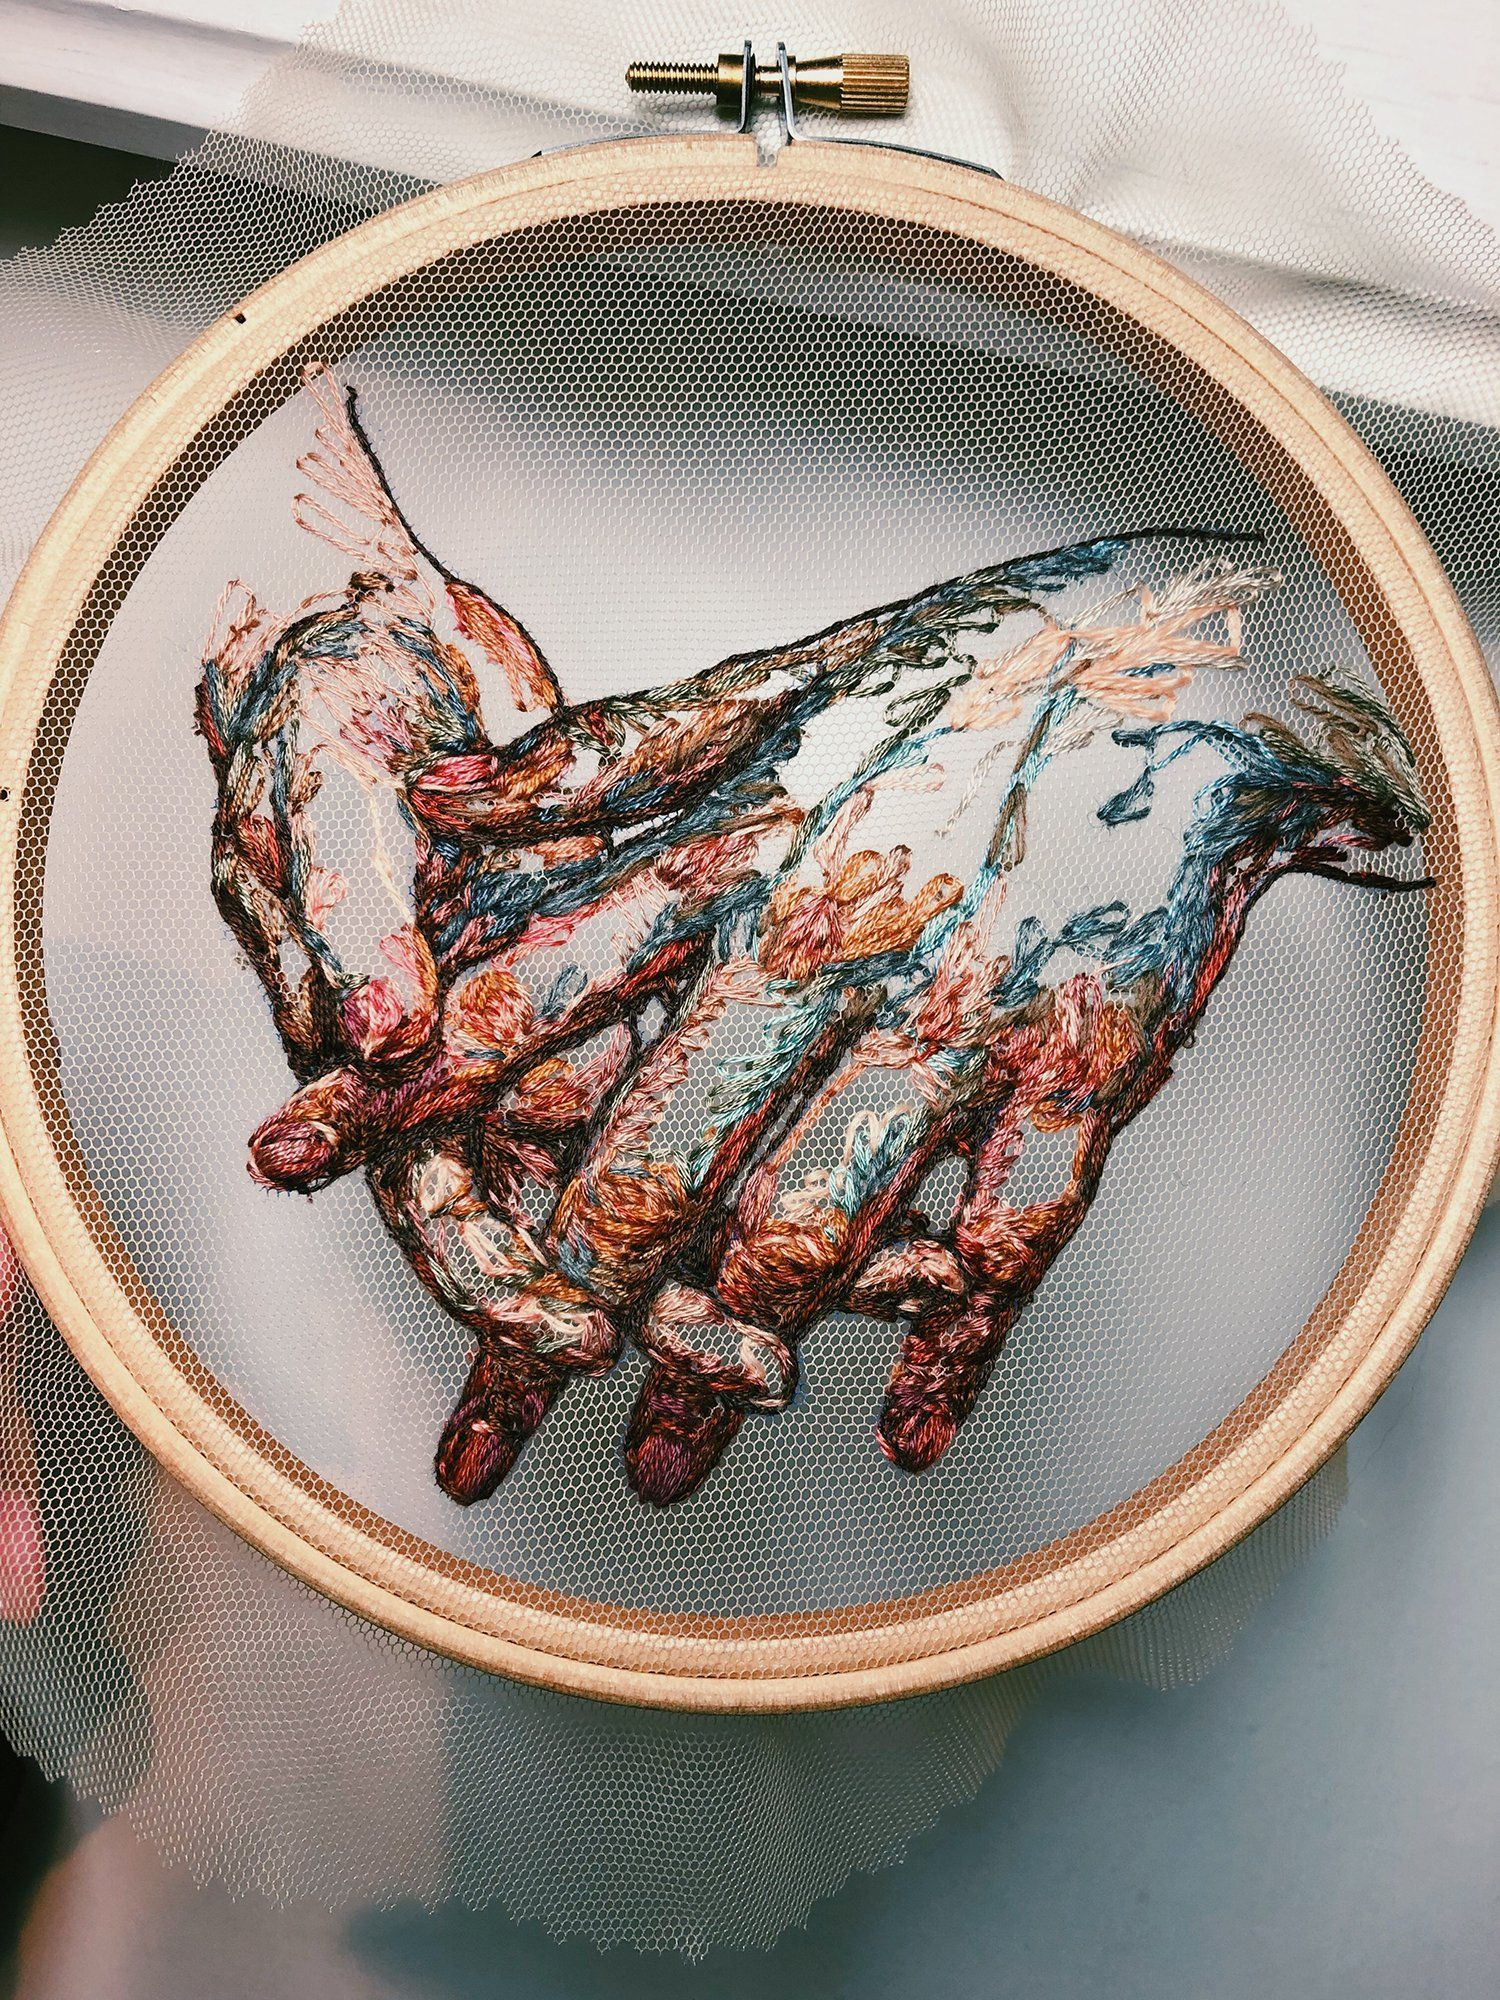 El arte del bordado en tul según Katerina Marchenko - Cultura Inquieta